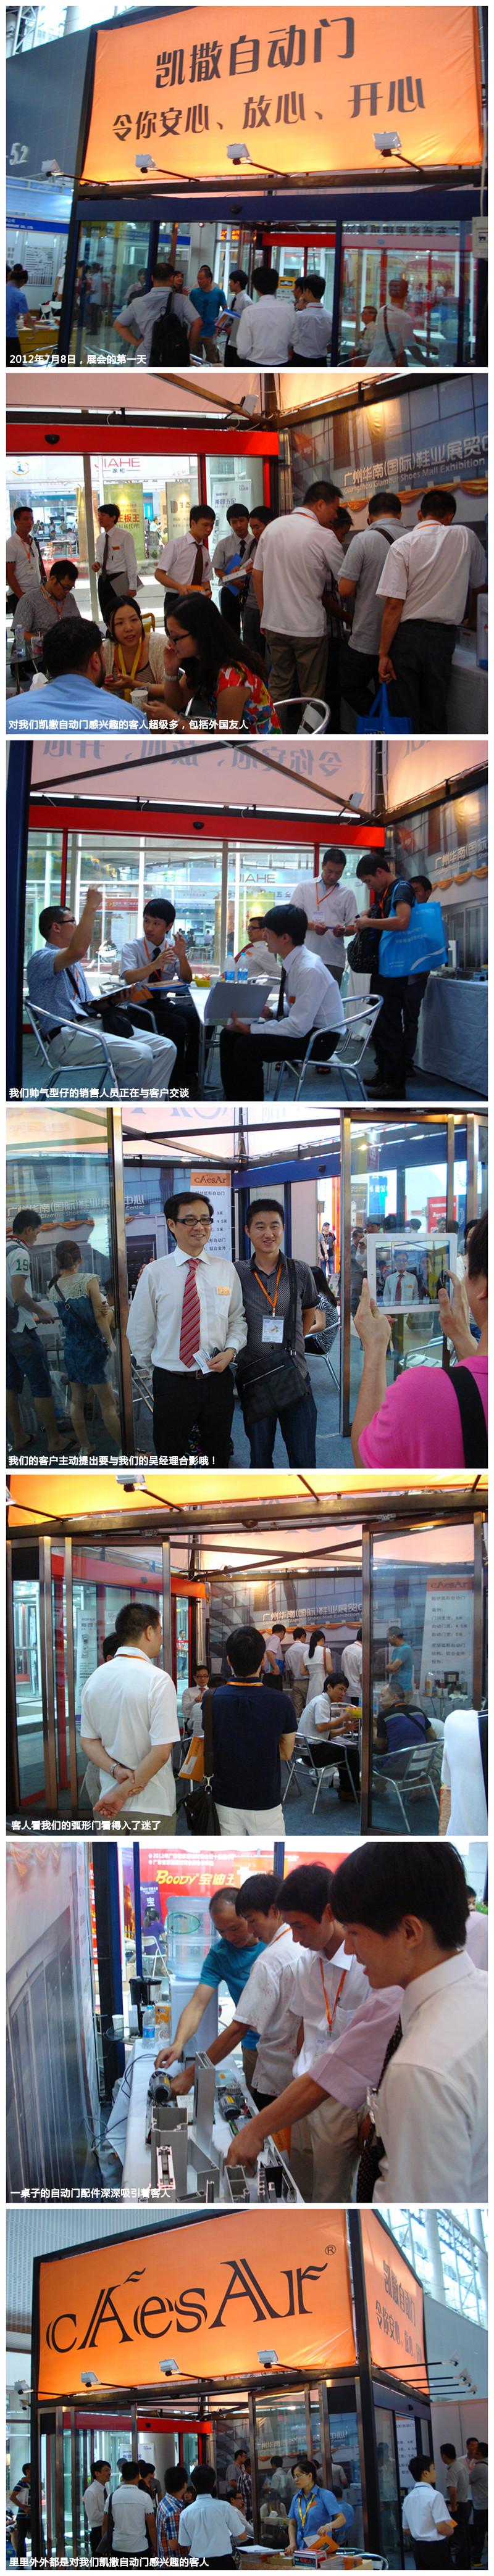 2012年度广州建博会正式开启